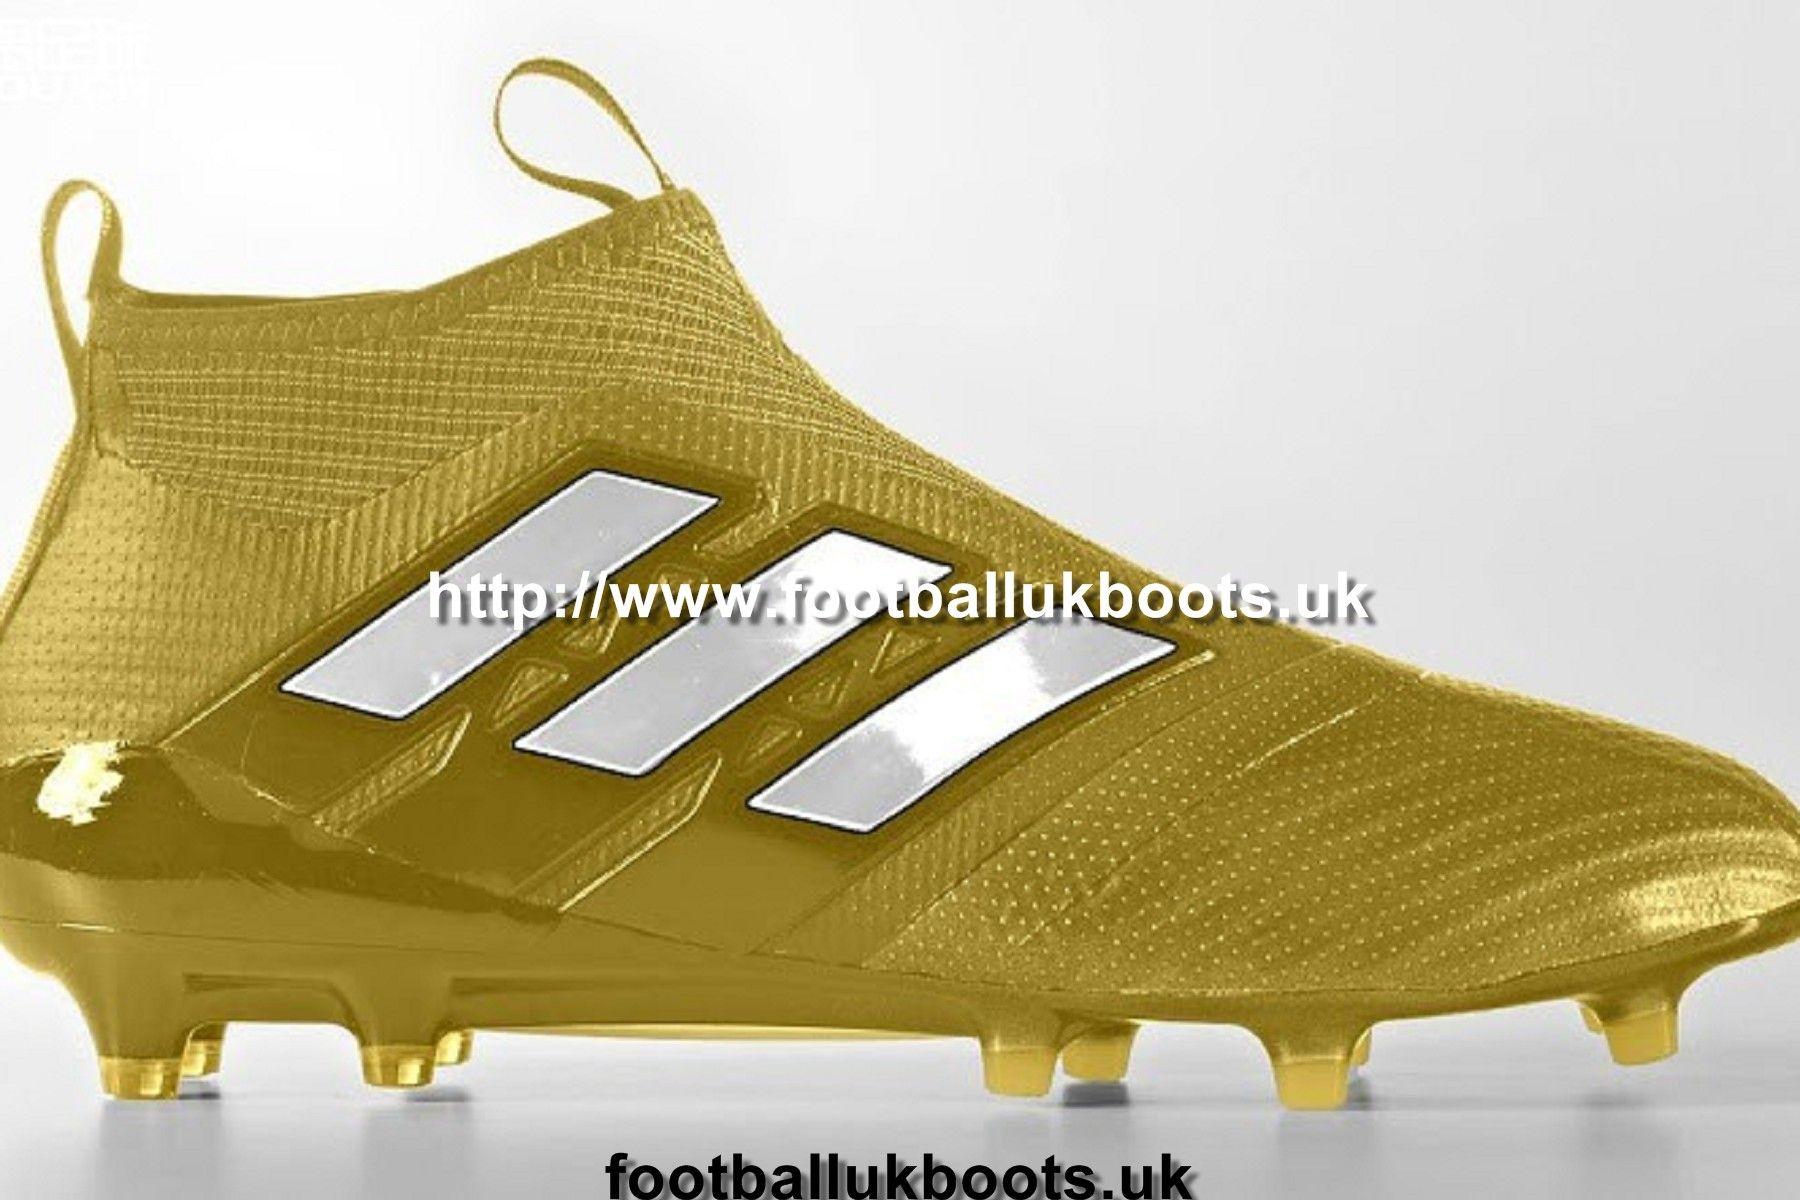 956b207e77c3 footballukboots uk (footballukboots) on Pinterest